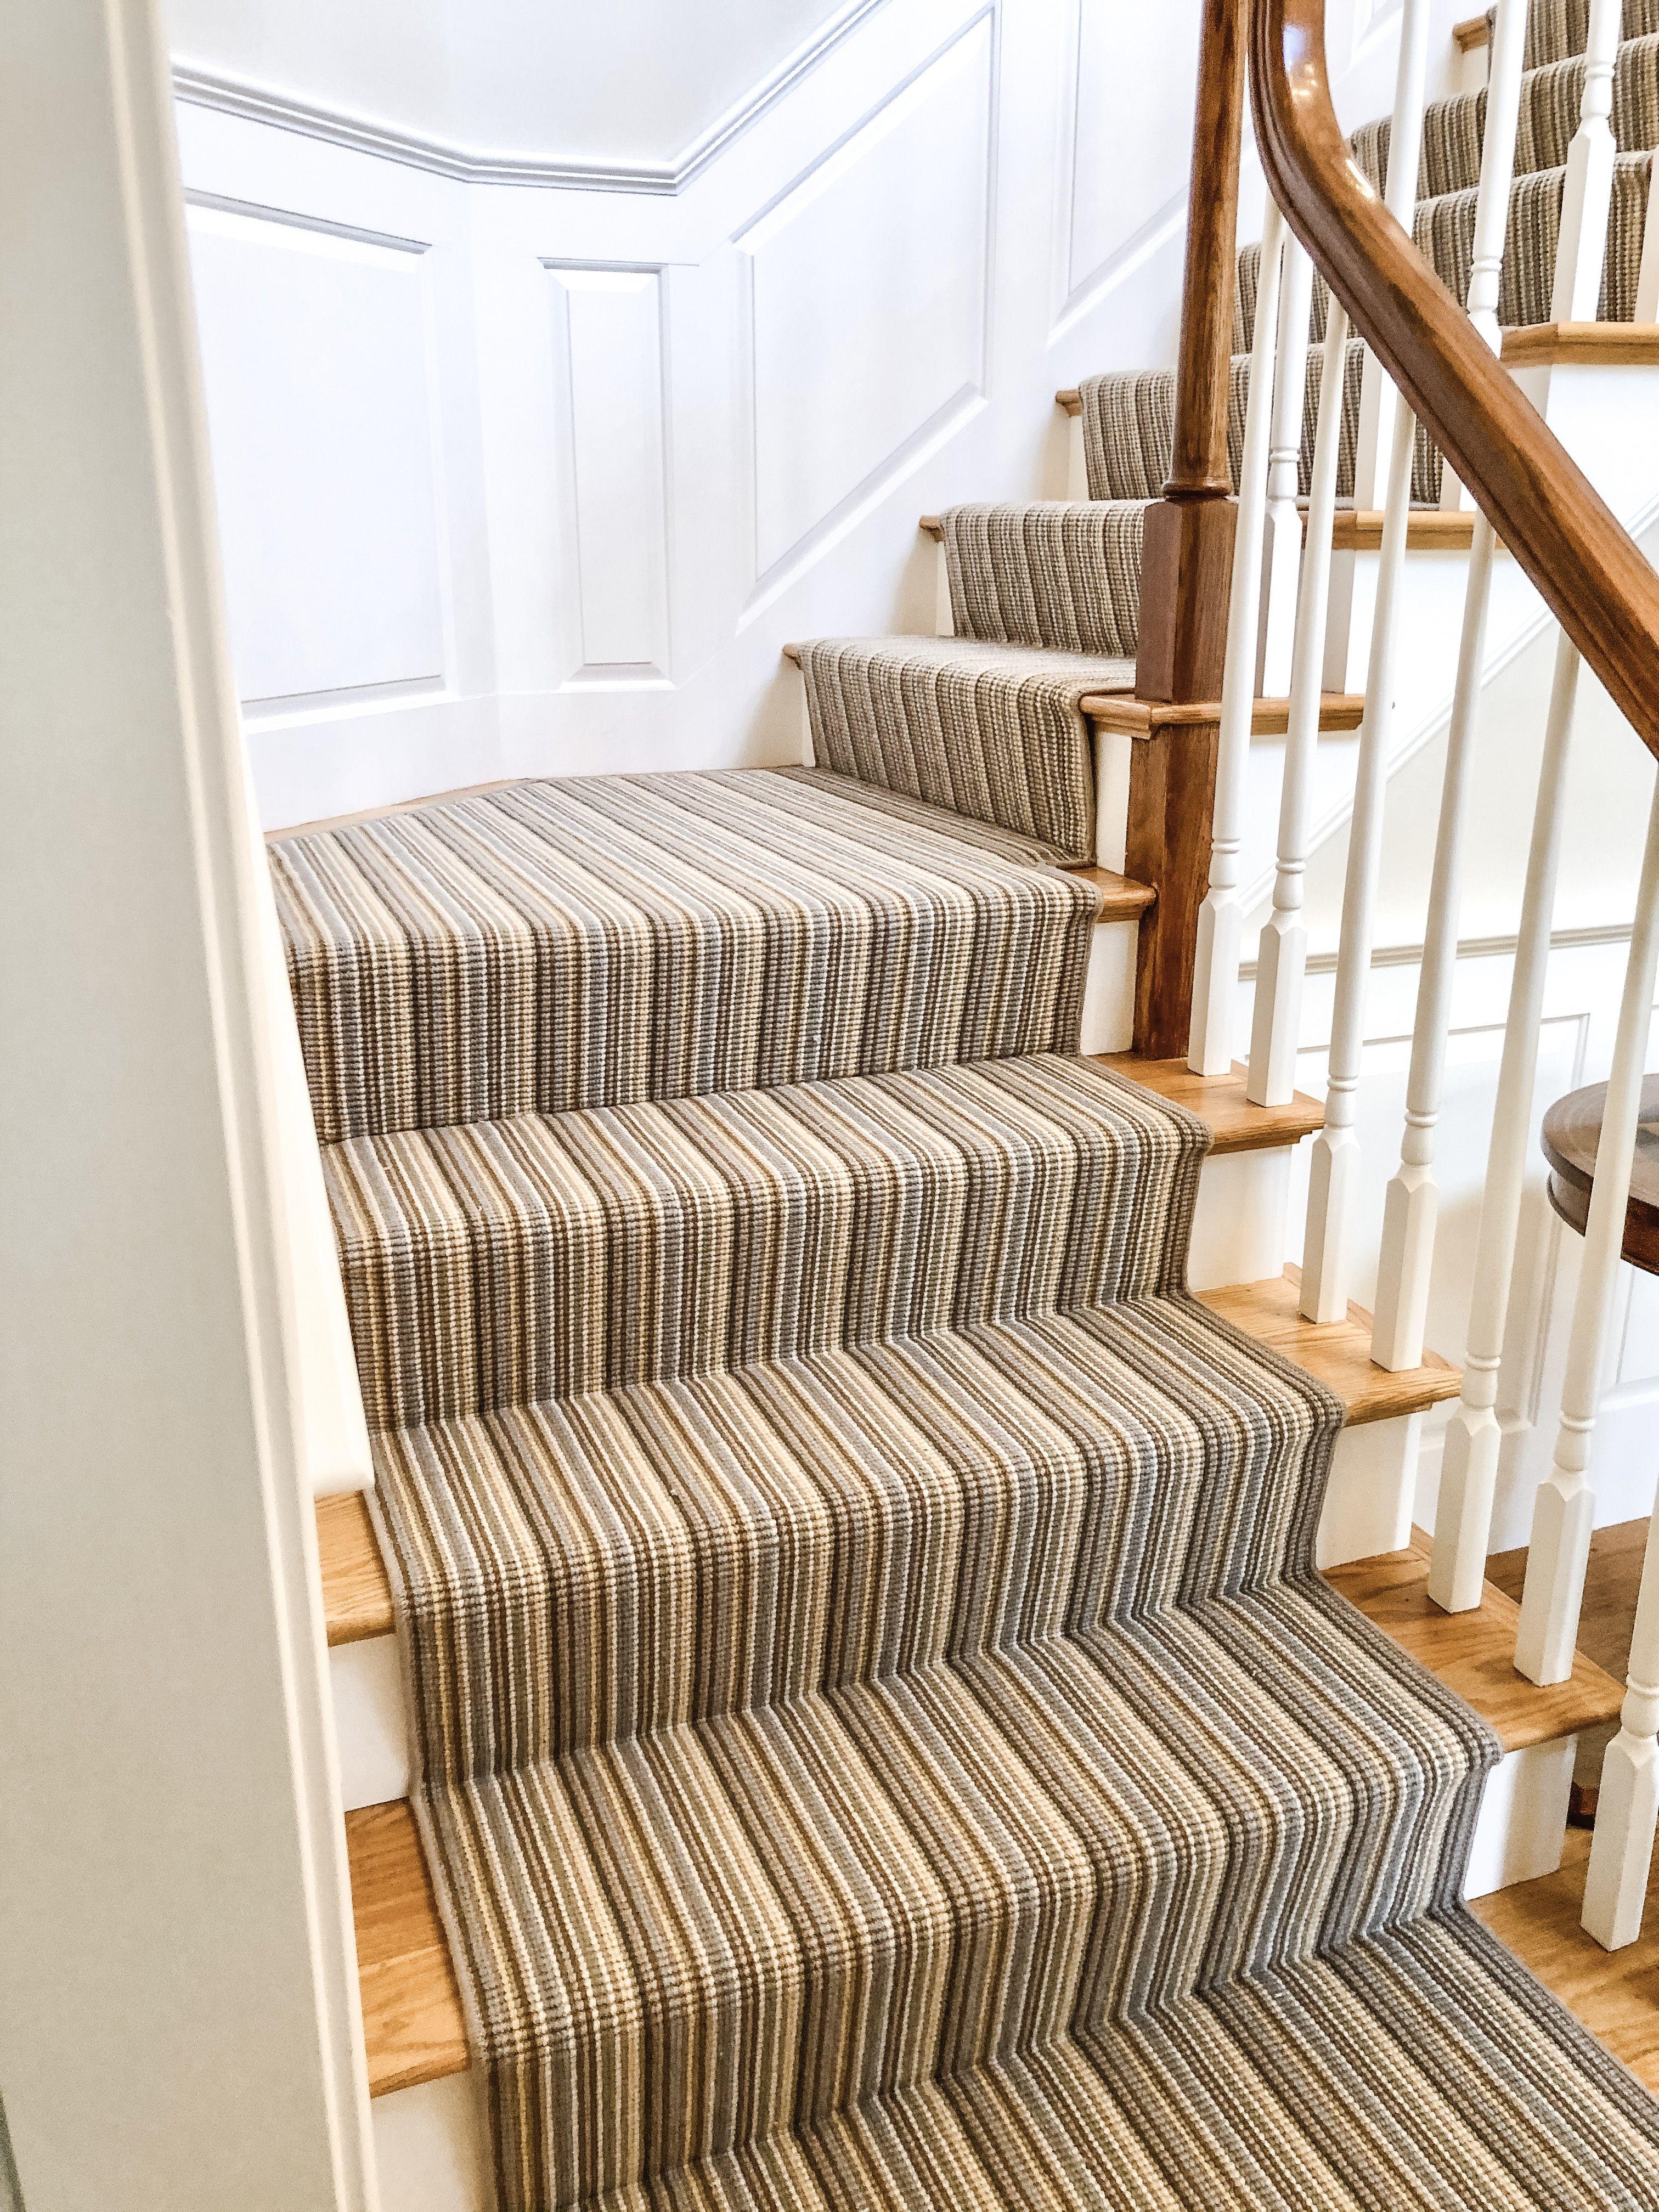 Striped Stair Runner Striped Stair Runner Stair Runner Home Carpet